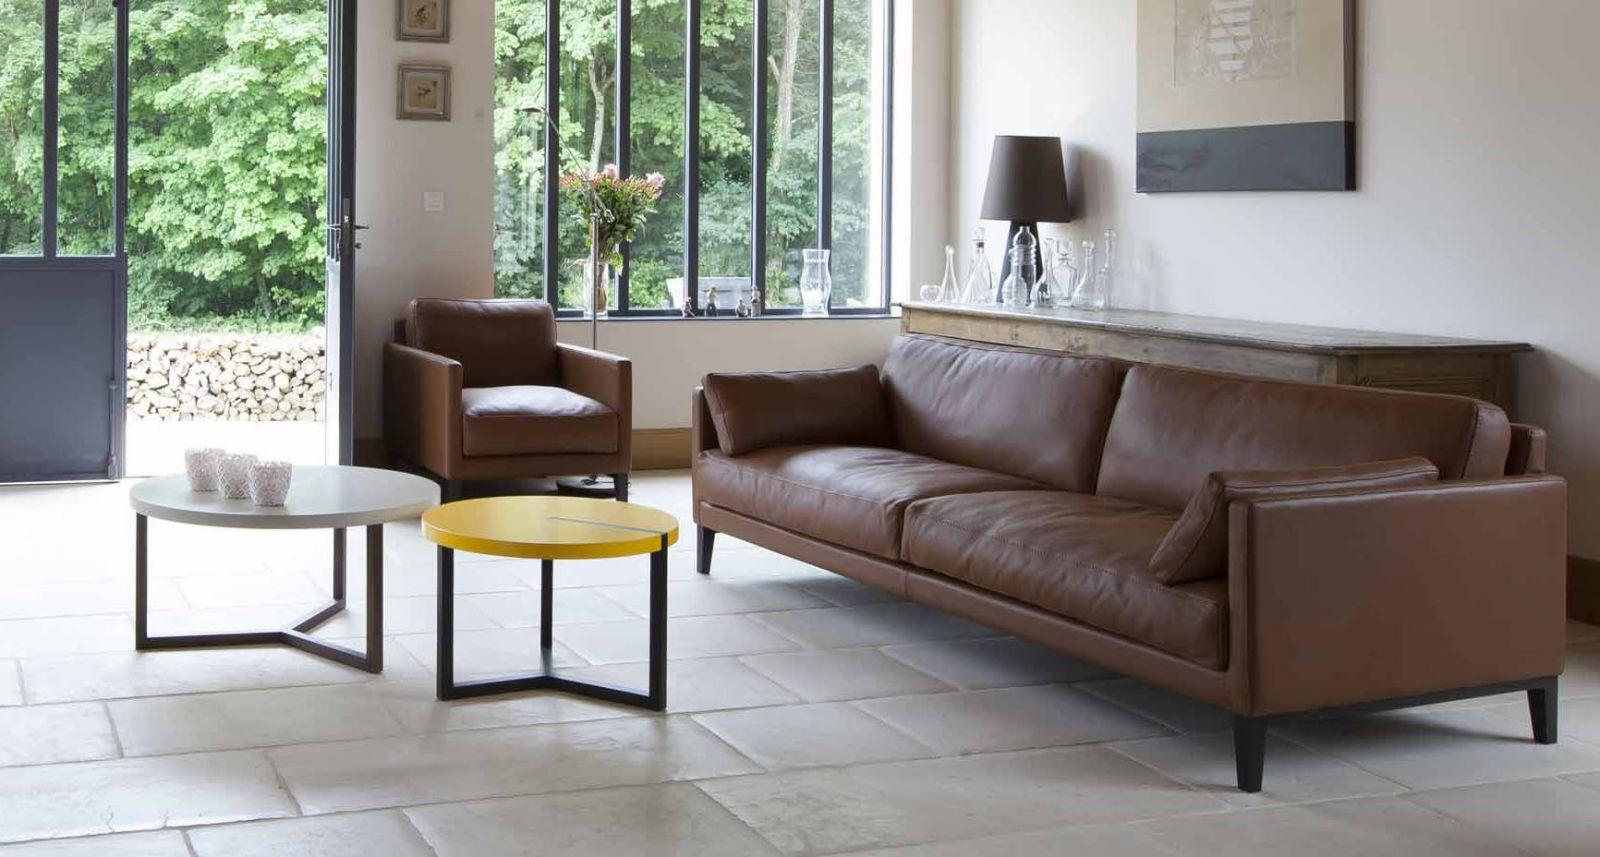 meubles haut de gamme dans le var 83 ligne roset cinna meuble et d coration marseille. Black Bedroom Furniture Sets. Home Design Ideas